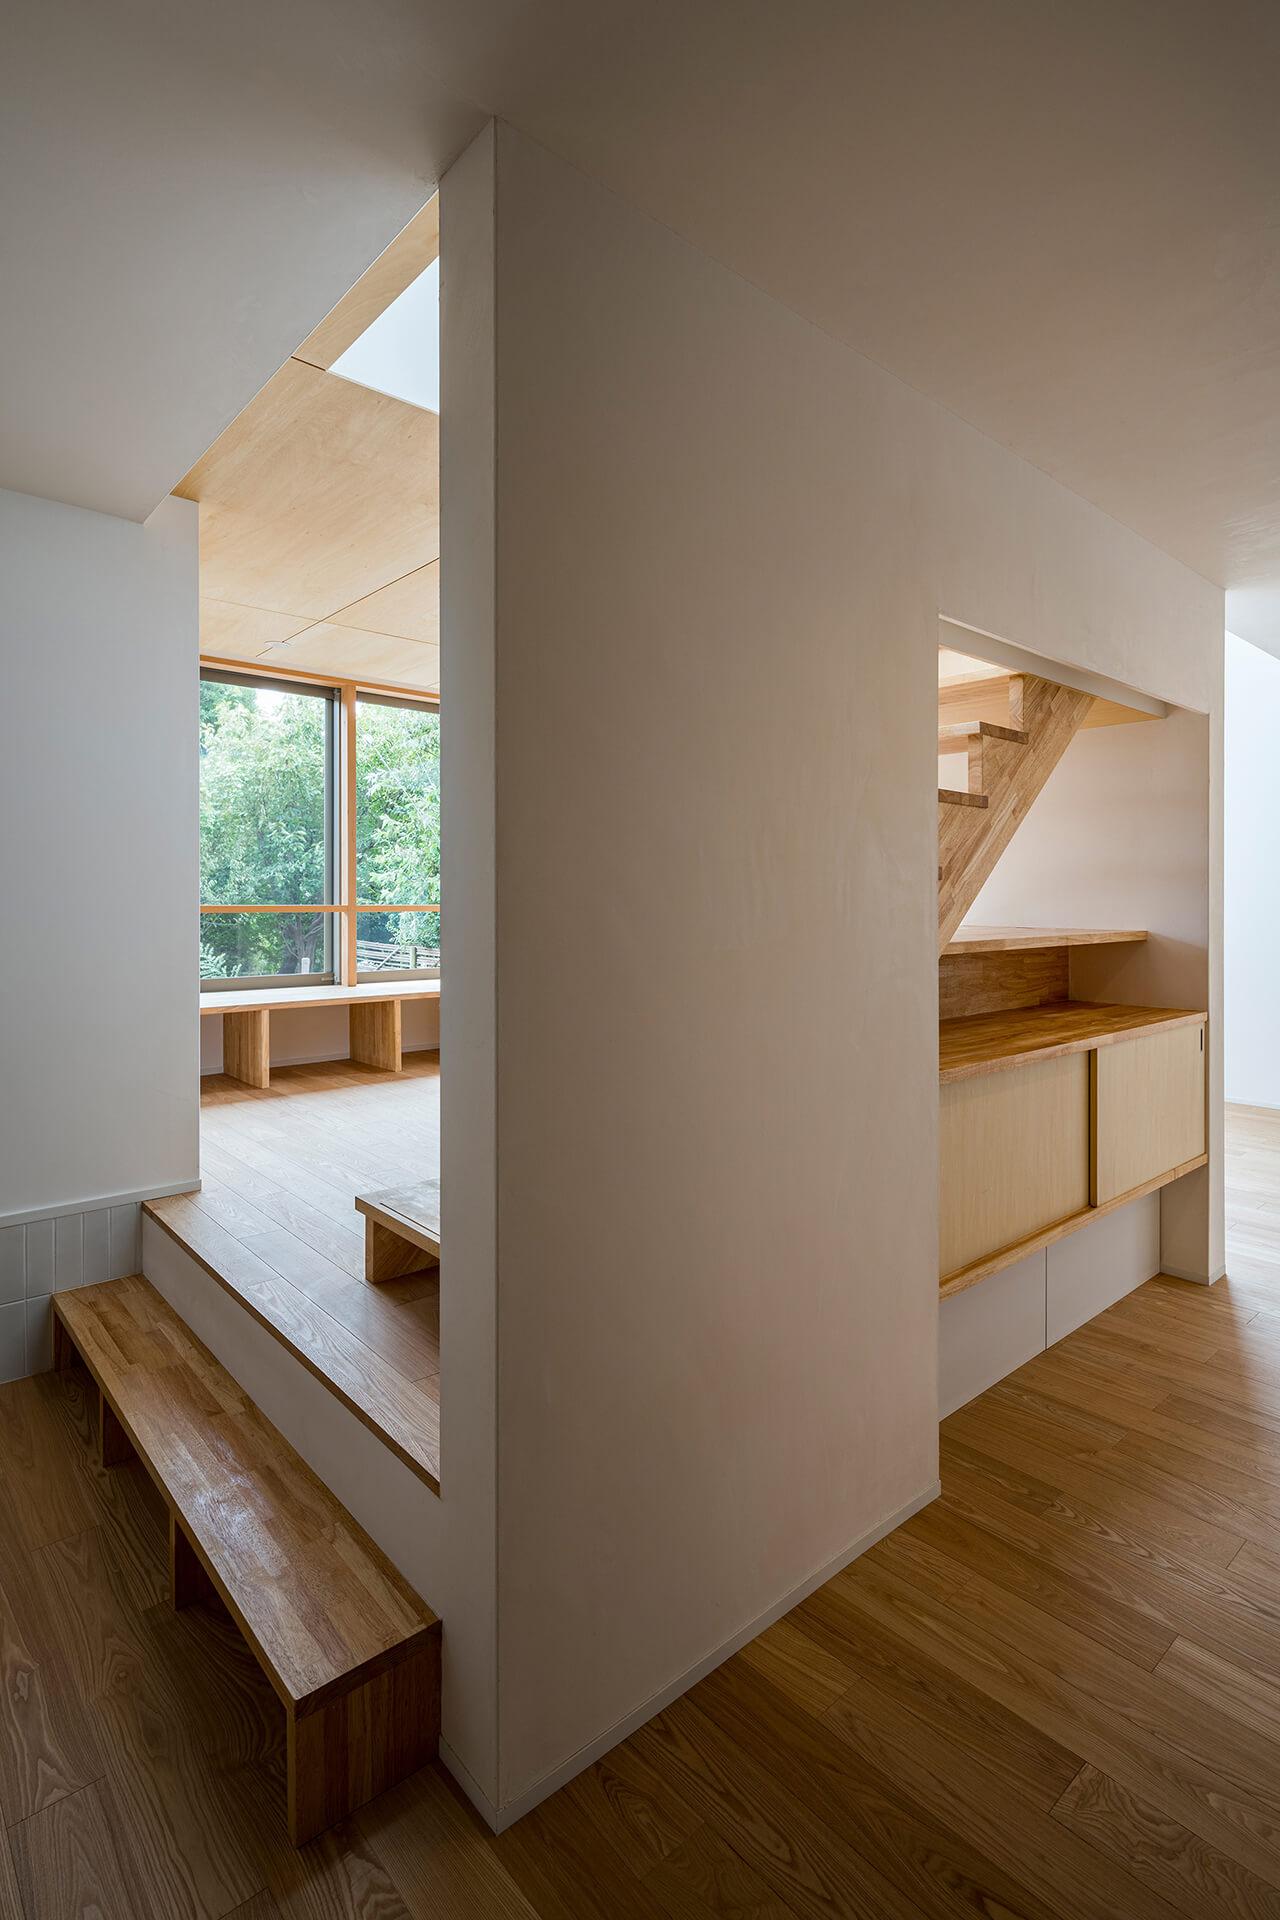 狛江S邸 借景のあるリビング上と階段斜め方向から